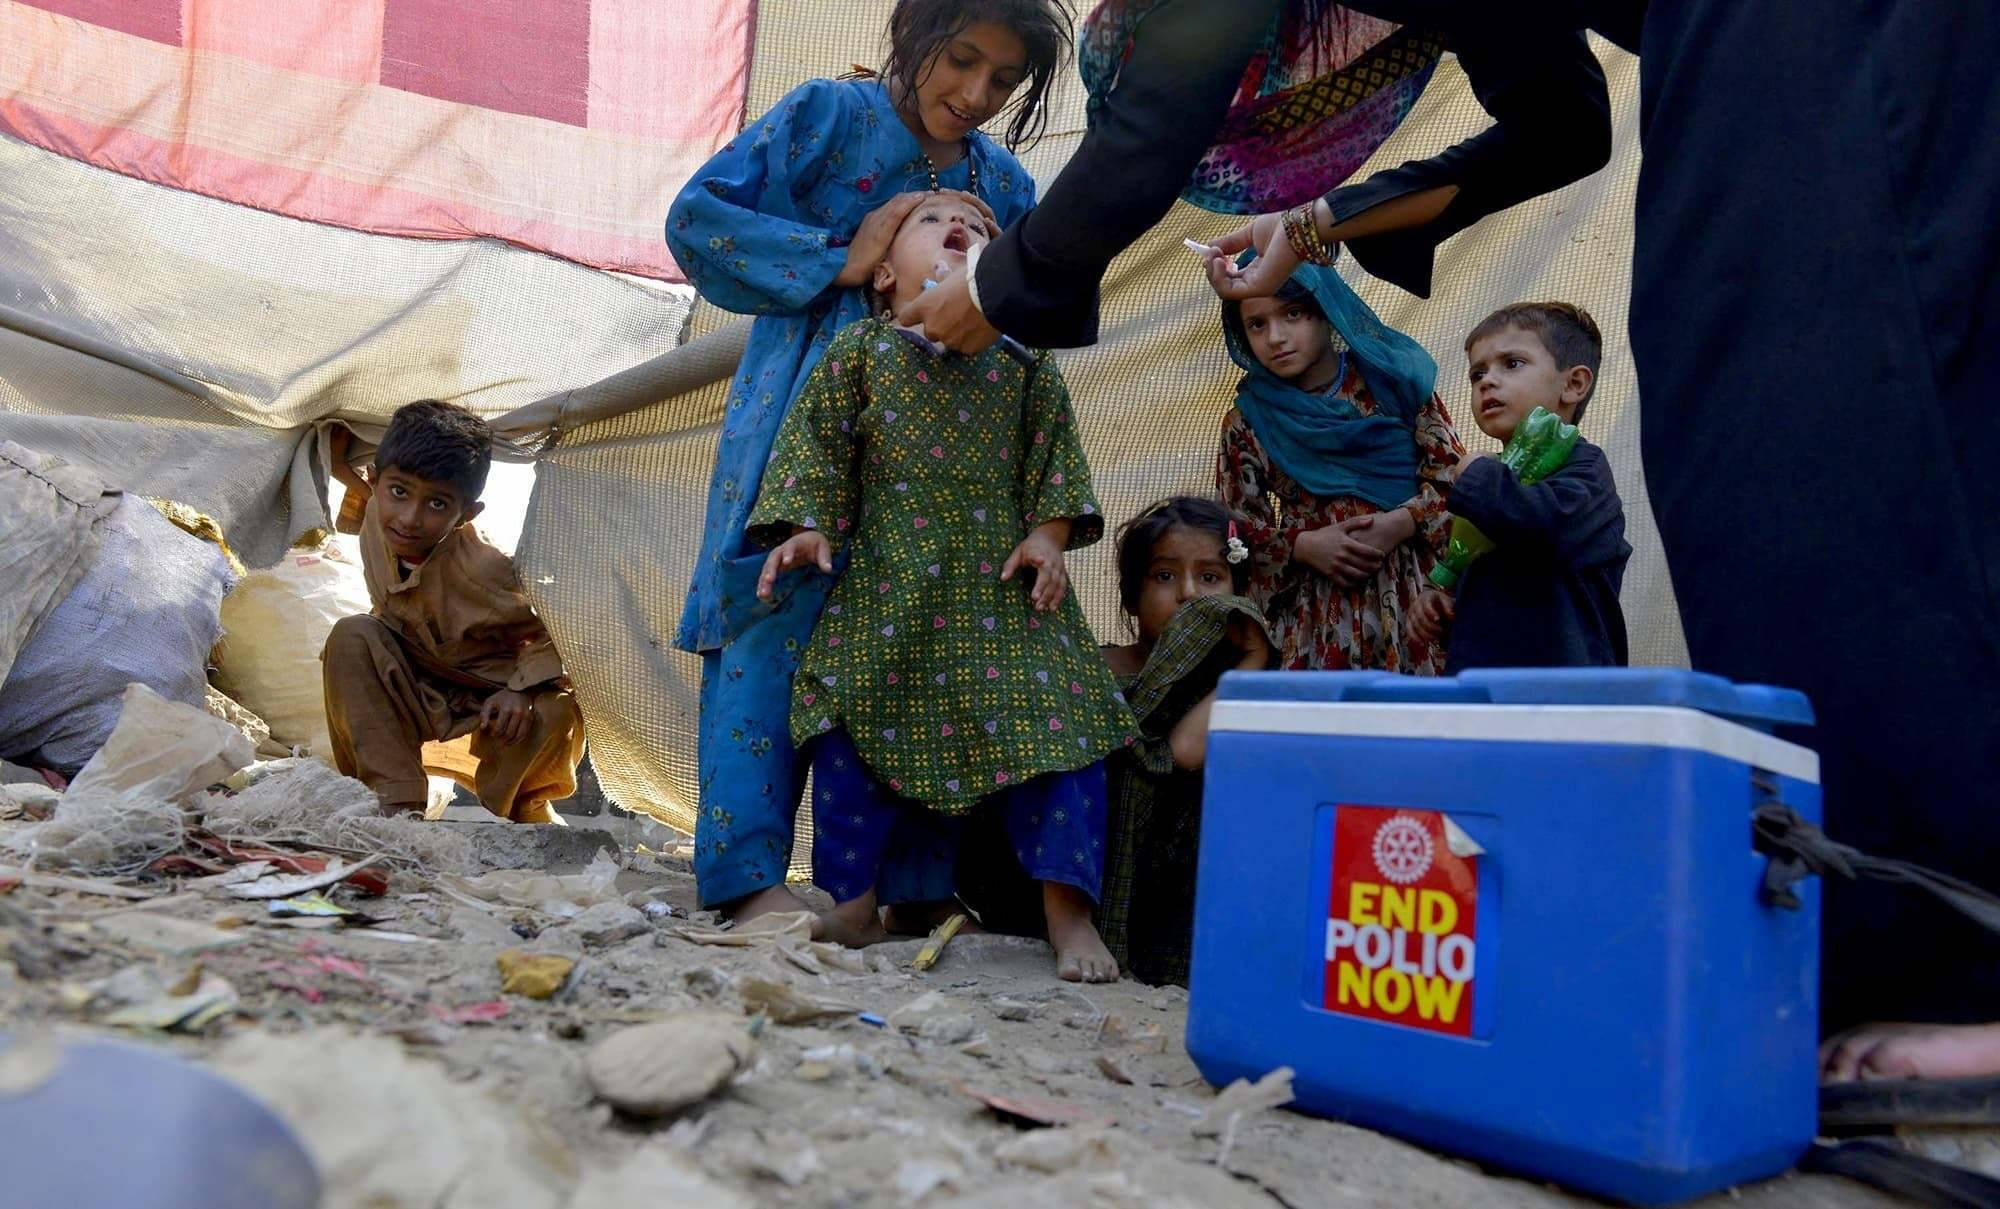 ملک میں پولیو کے خاتمے کیلئے مہم جاری ہے — فائل فوٹو: اے ایف پی